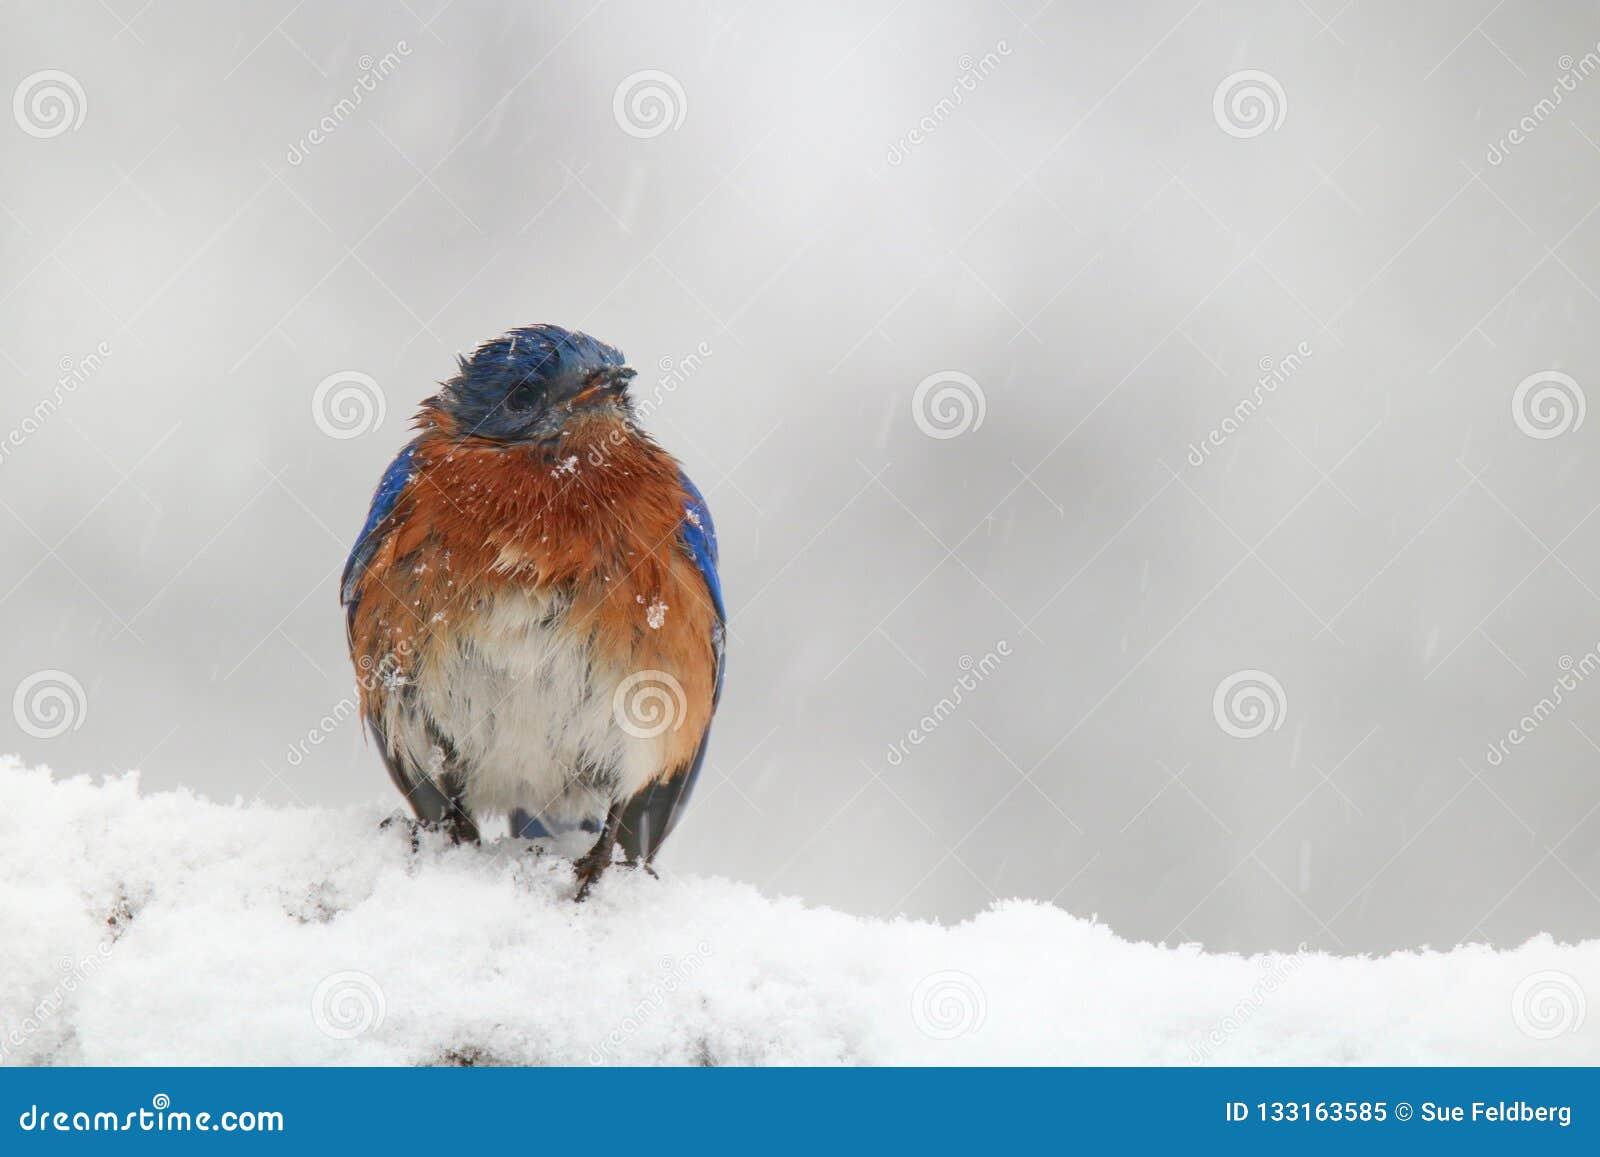 Eastern Bluebird in a Snowy Winter Storm